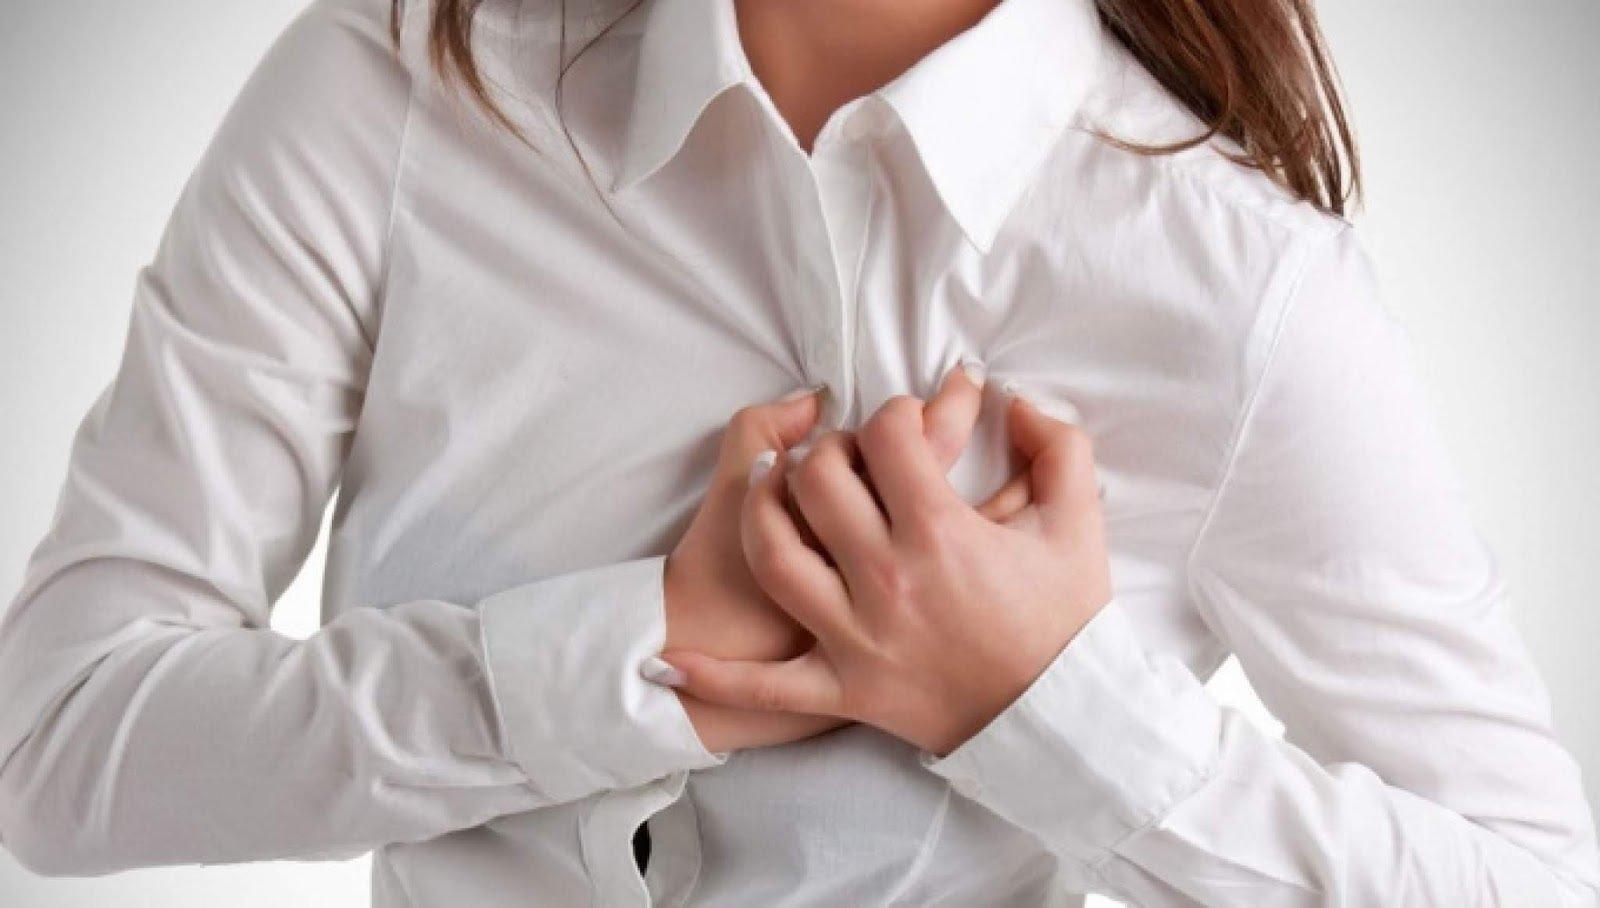 Главные признаки инфаркта: медики назвали симптомы, предвещающие опасность